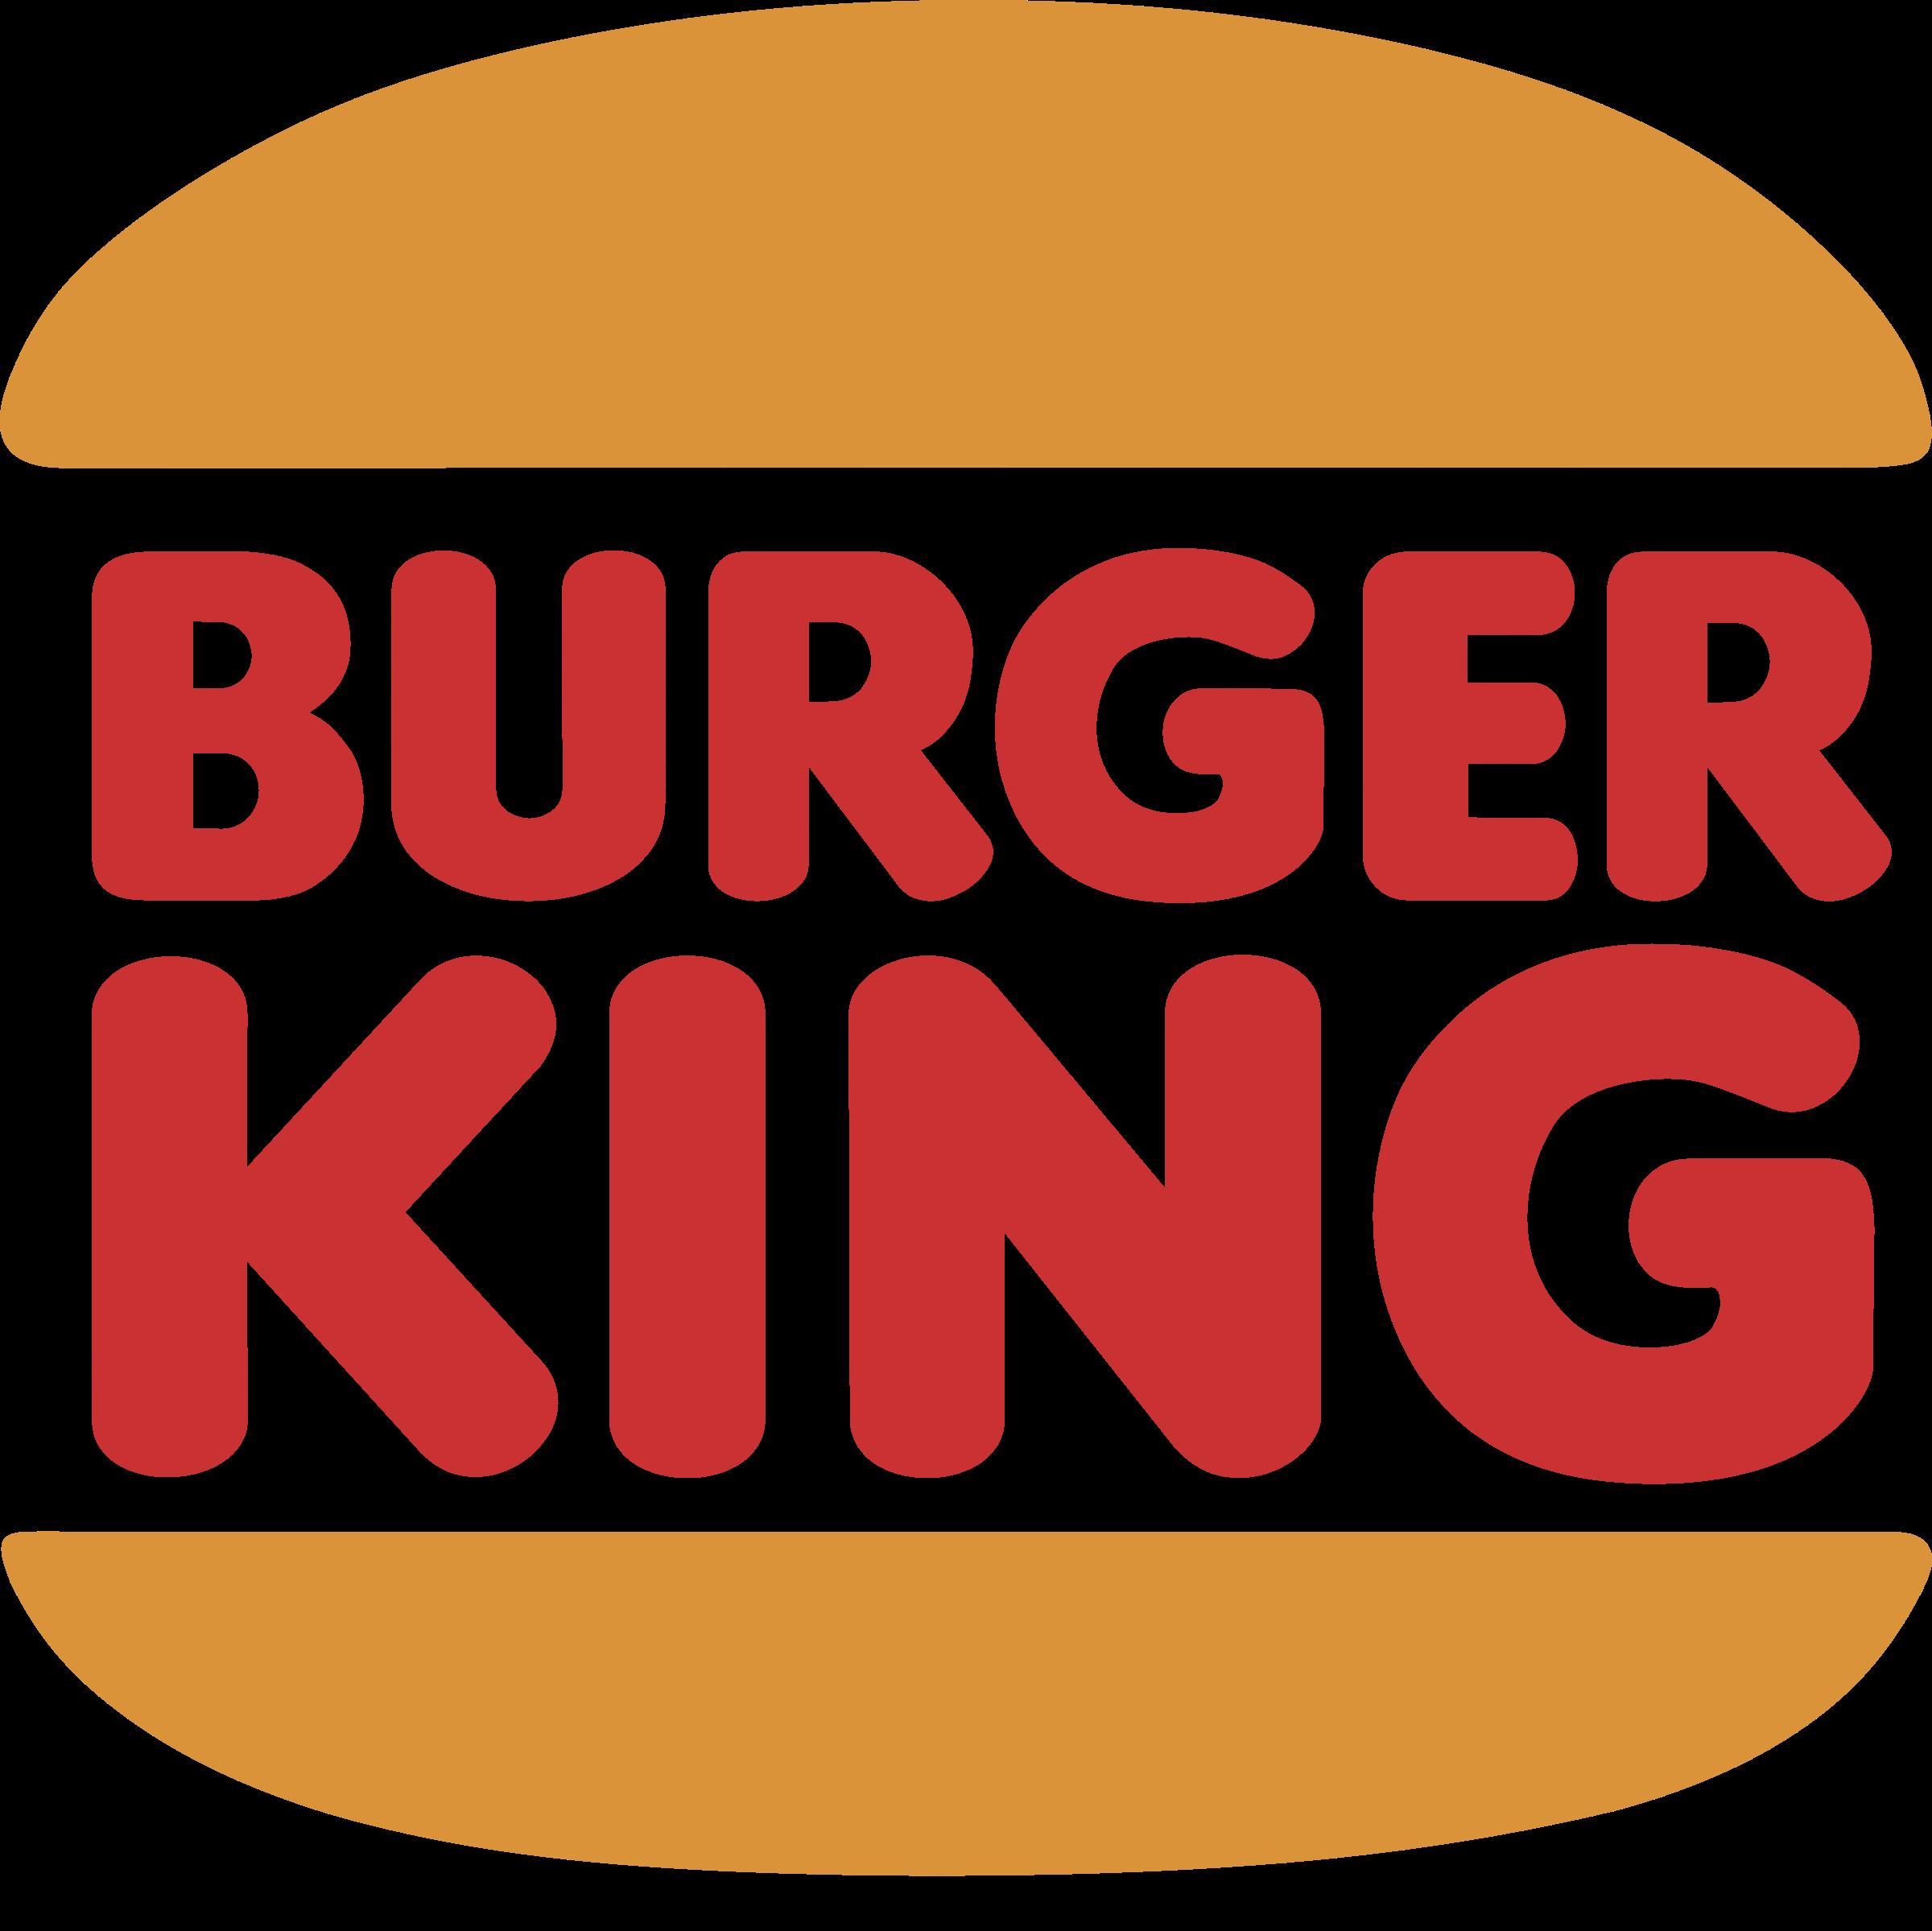 Burger KING Logo PNG Transparent